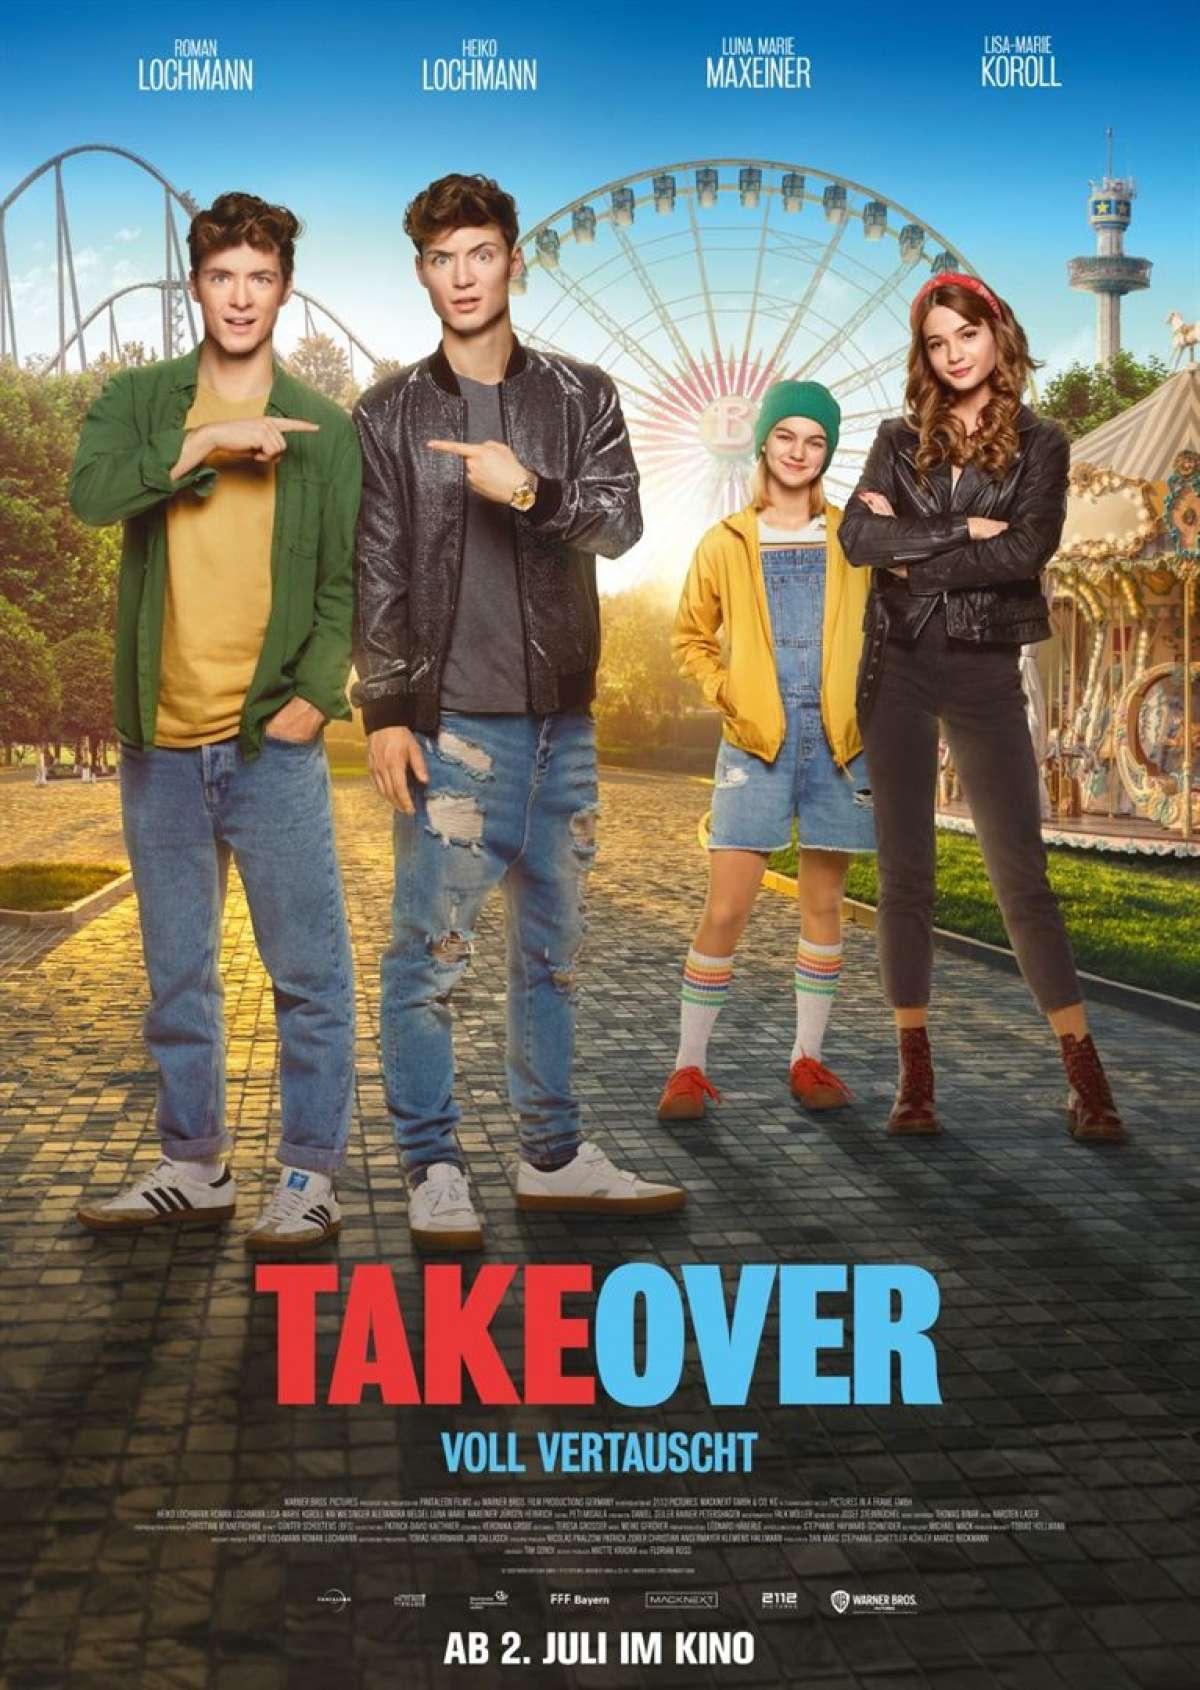 TakeOver - Voll Vertauscht - Central Kino  - Borgentreich